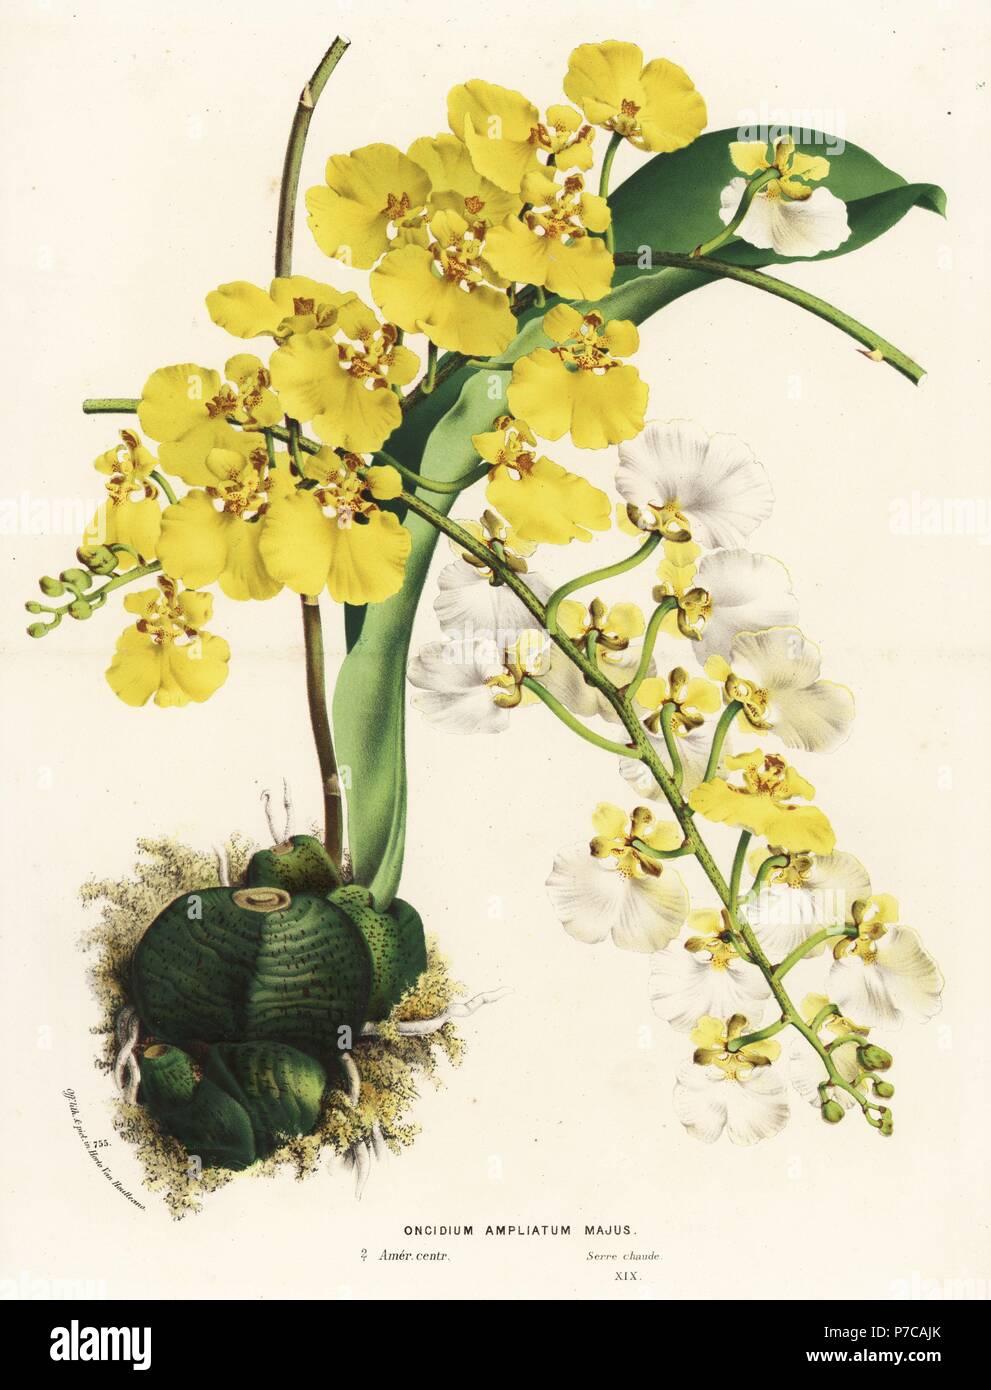 Rossioglossum Ampliatum Orchidee (Oncidium Ampliatum Majus ...